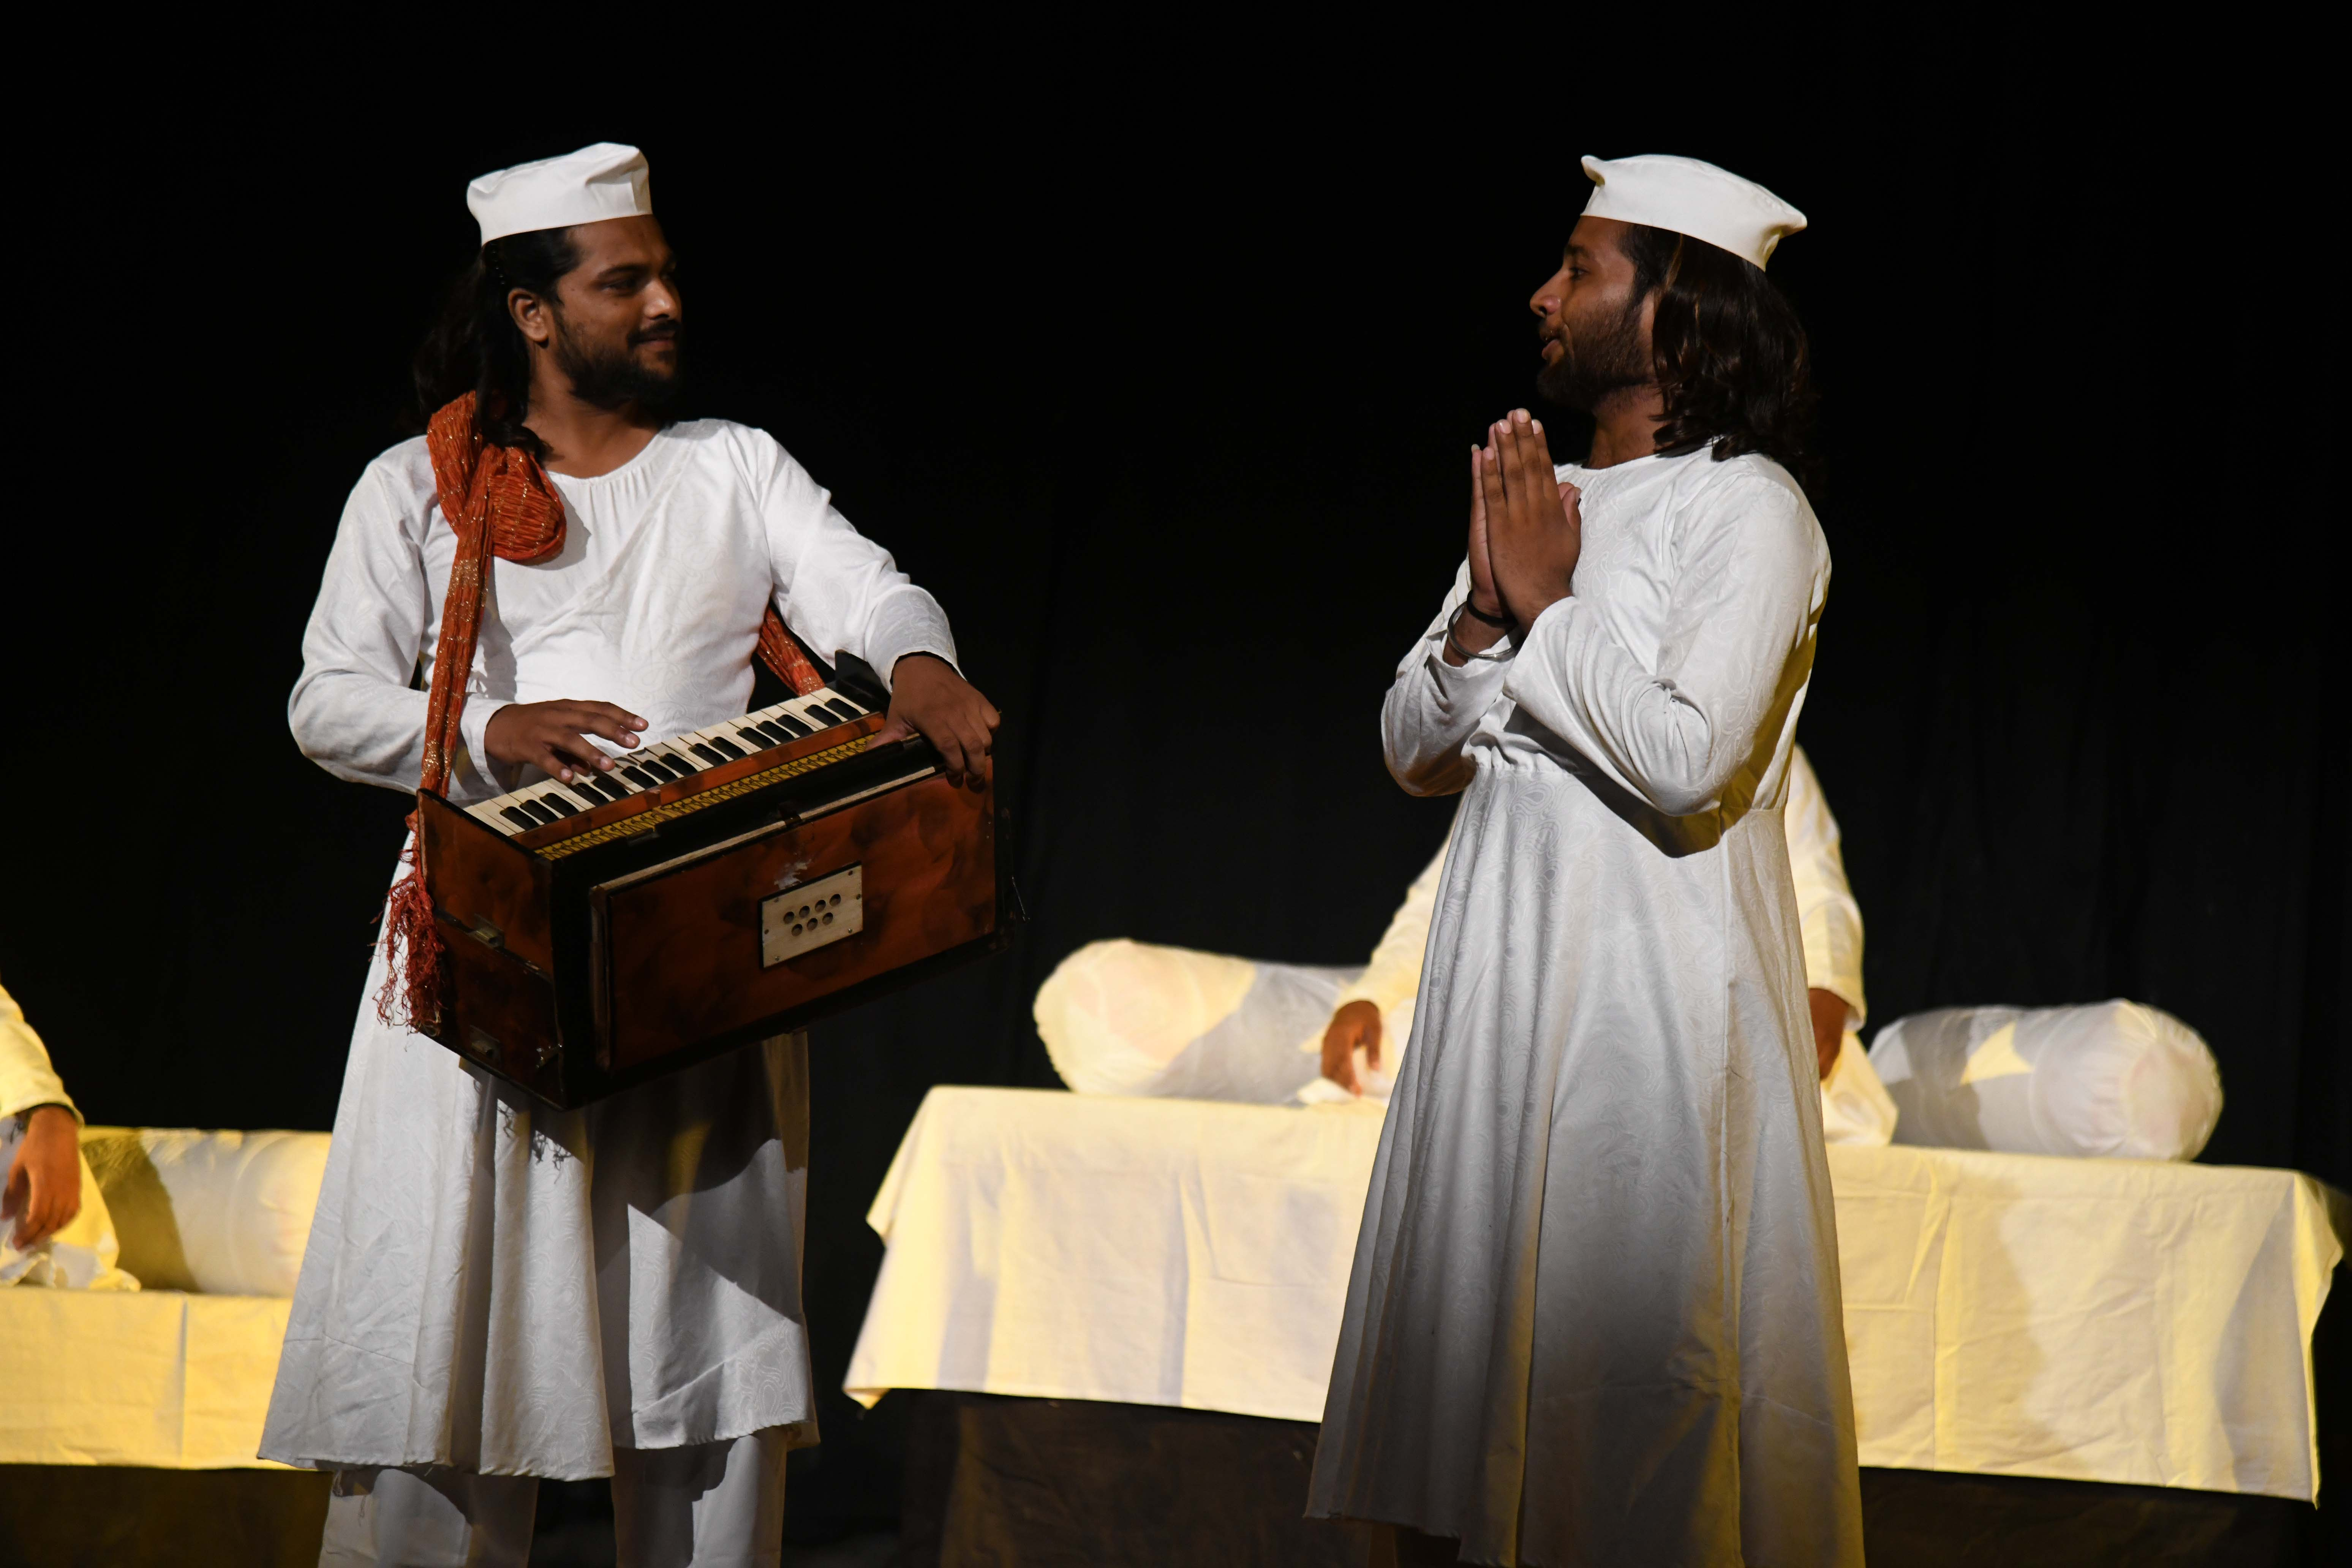 गुरू नानक देव की कथाओं का मनोरम मंचन